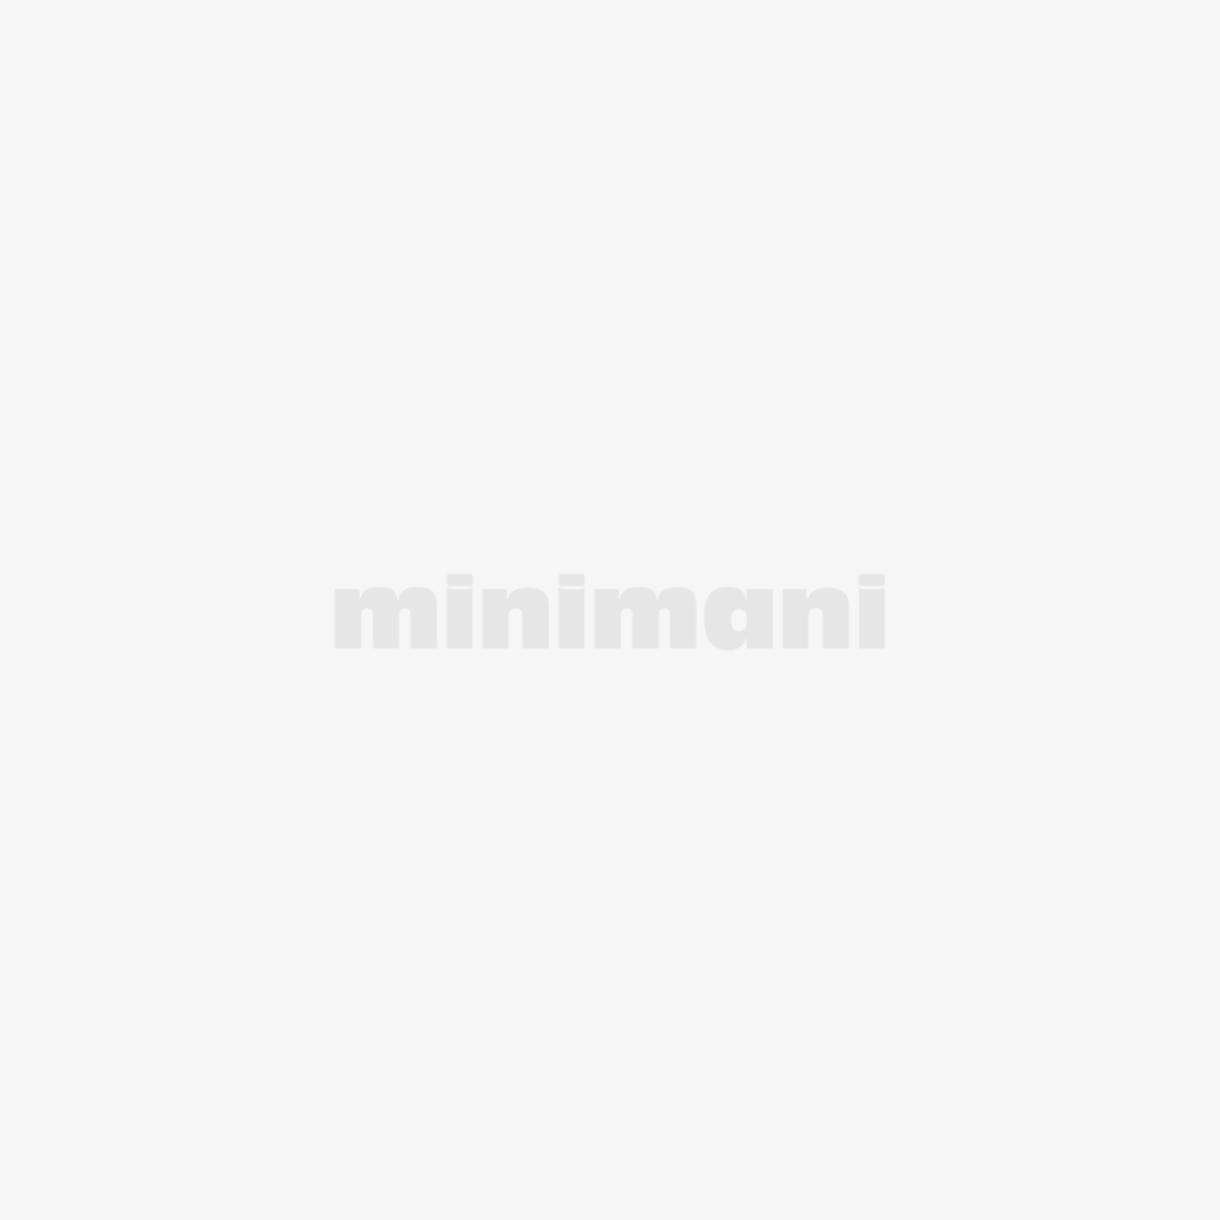 OBH 6635 LISÄPULLOSETTI 2 KPL SMOOTHIE TWISTERIIN